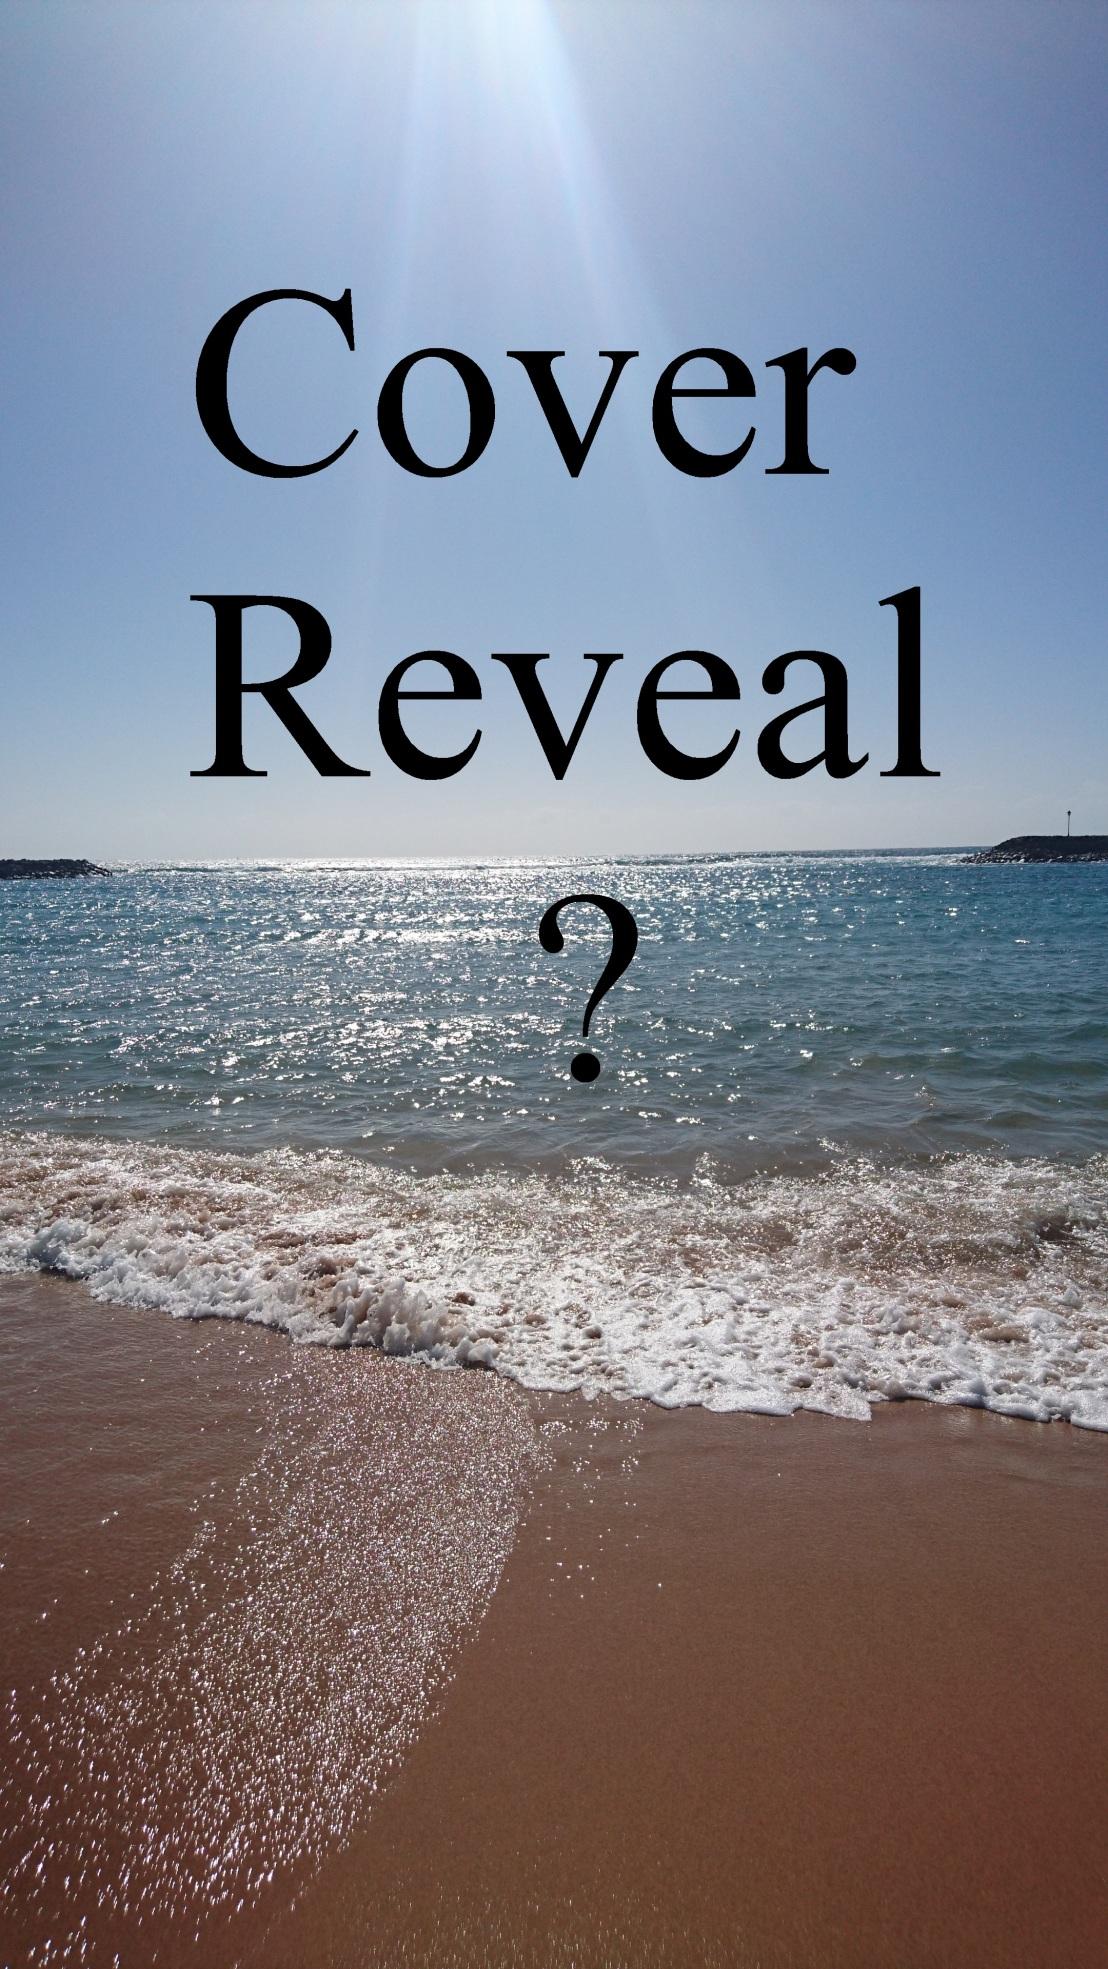 Cover Reveal – The Lost Sentinel  #fantasy #epicfantasy#heroicfantasy